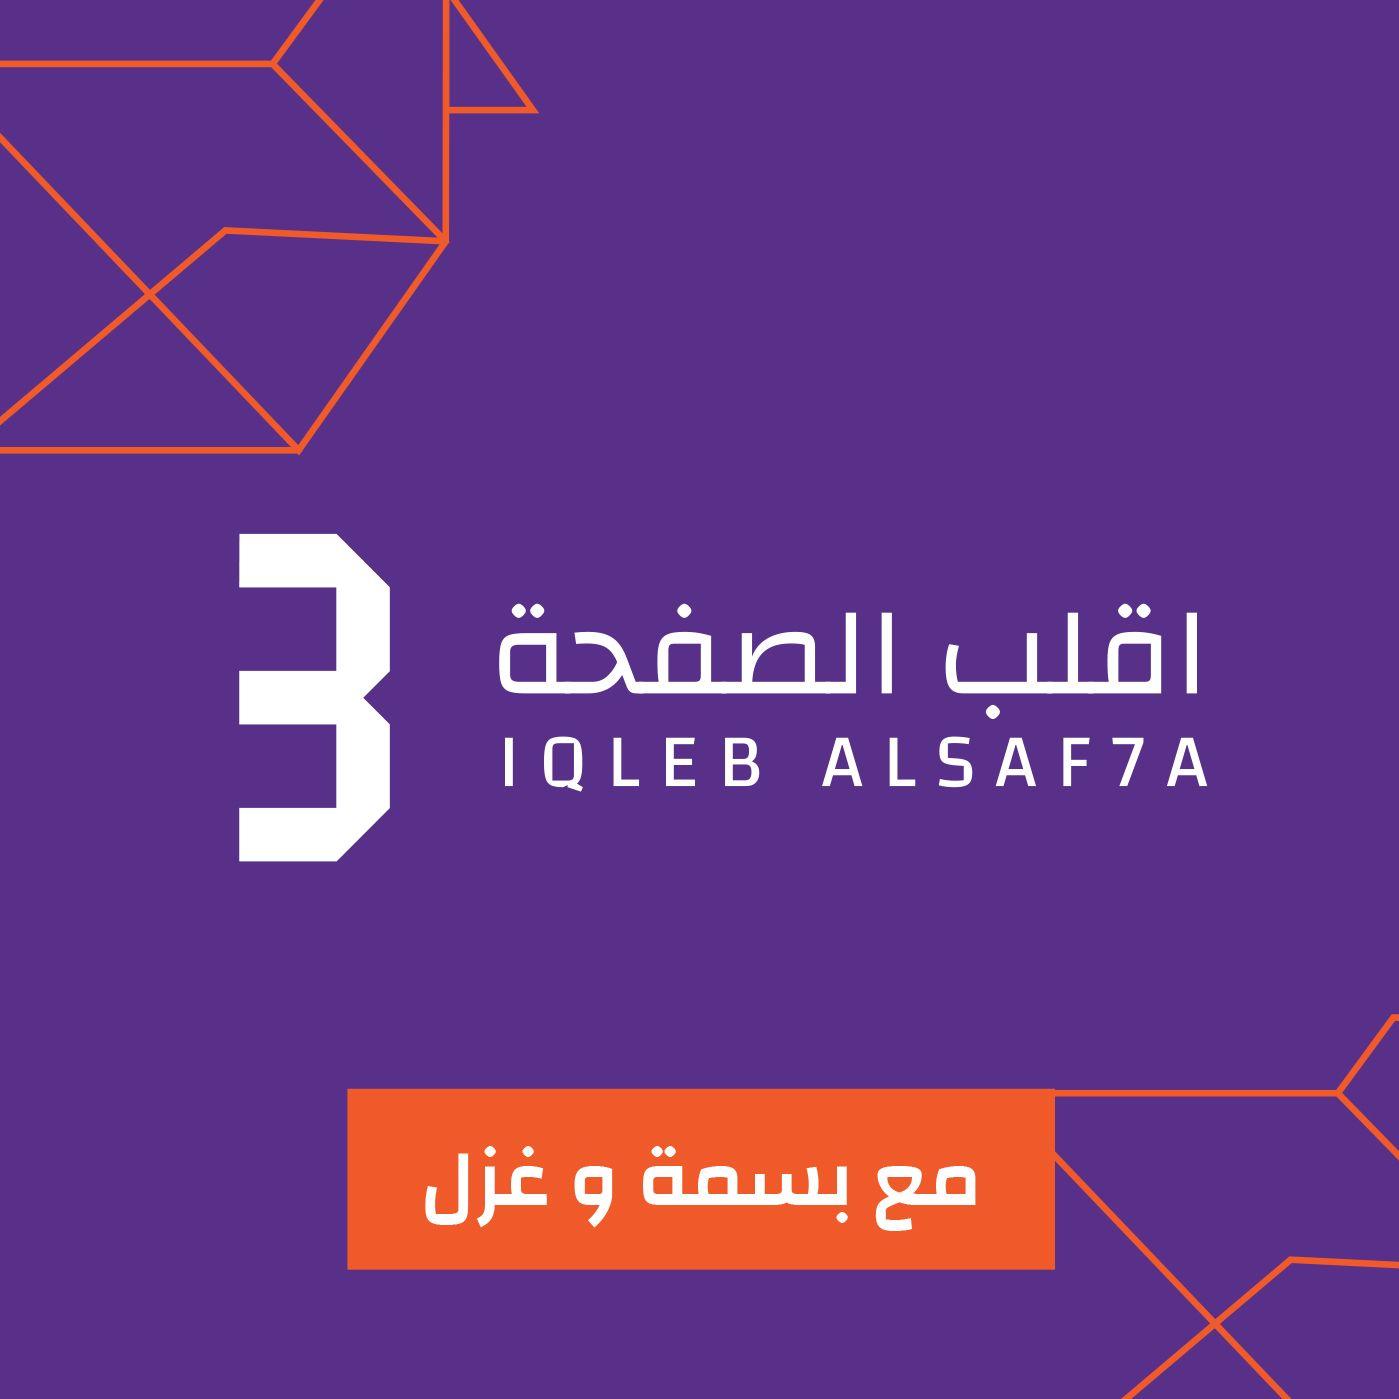 الحلقة 28: الخيانة - مع خالد سندي